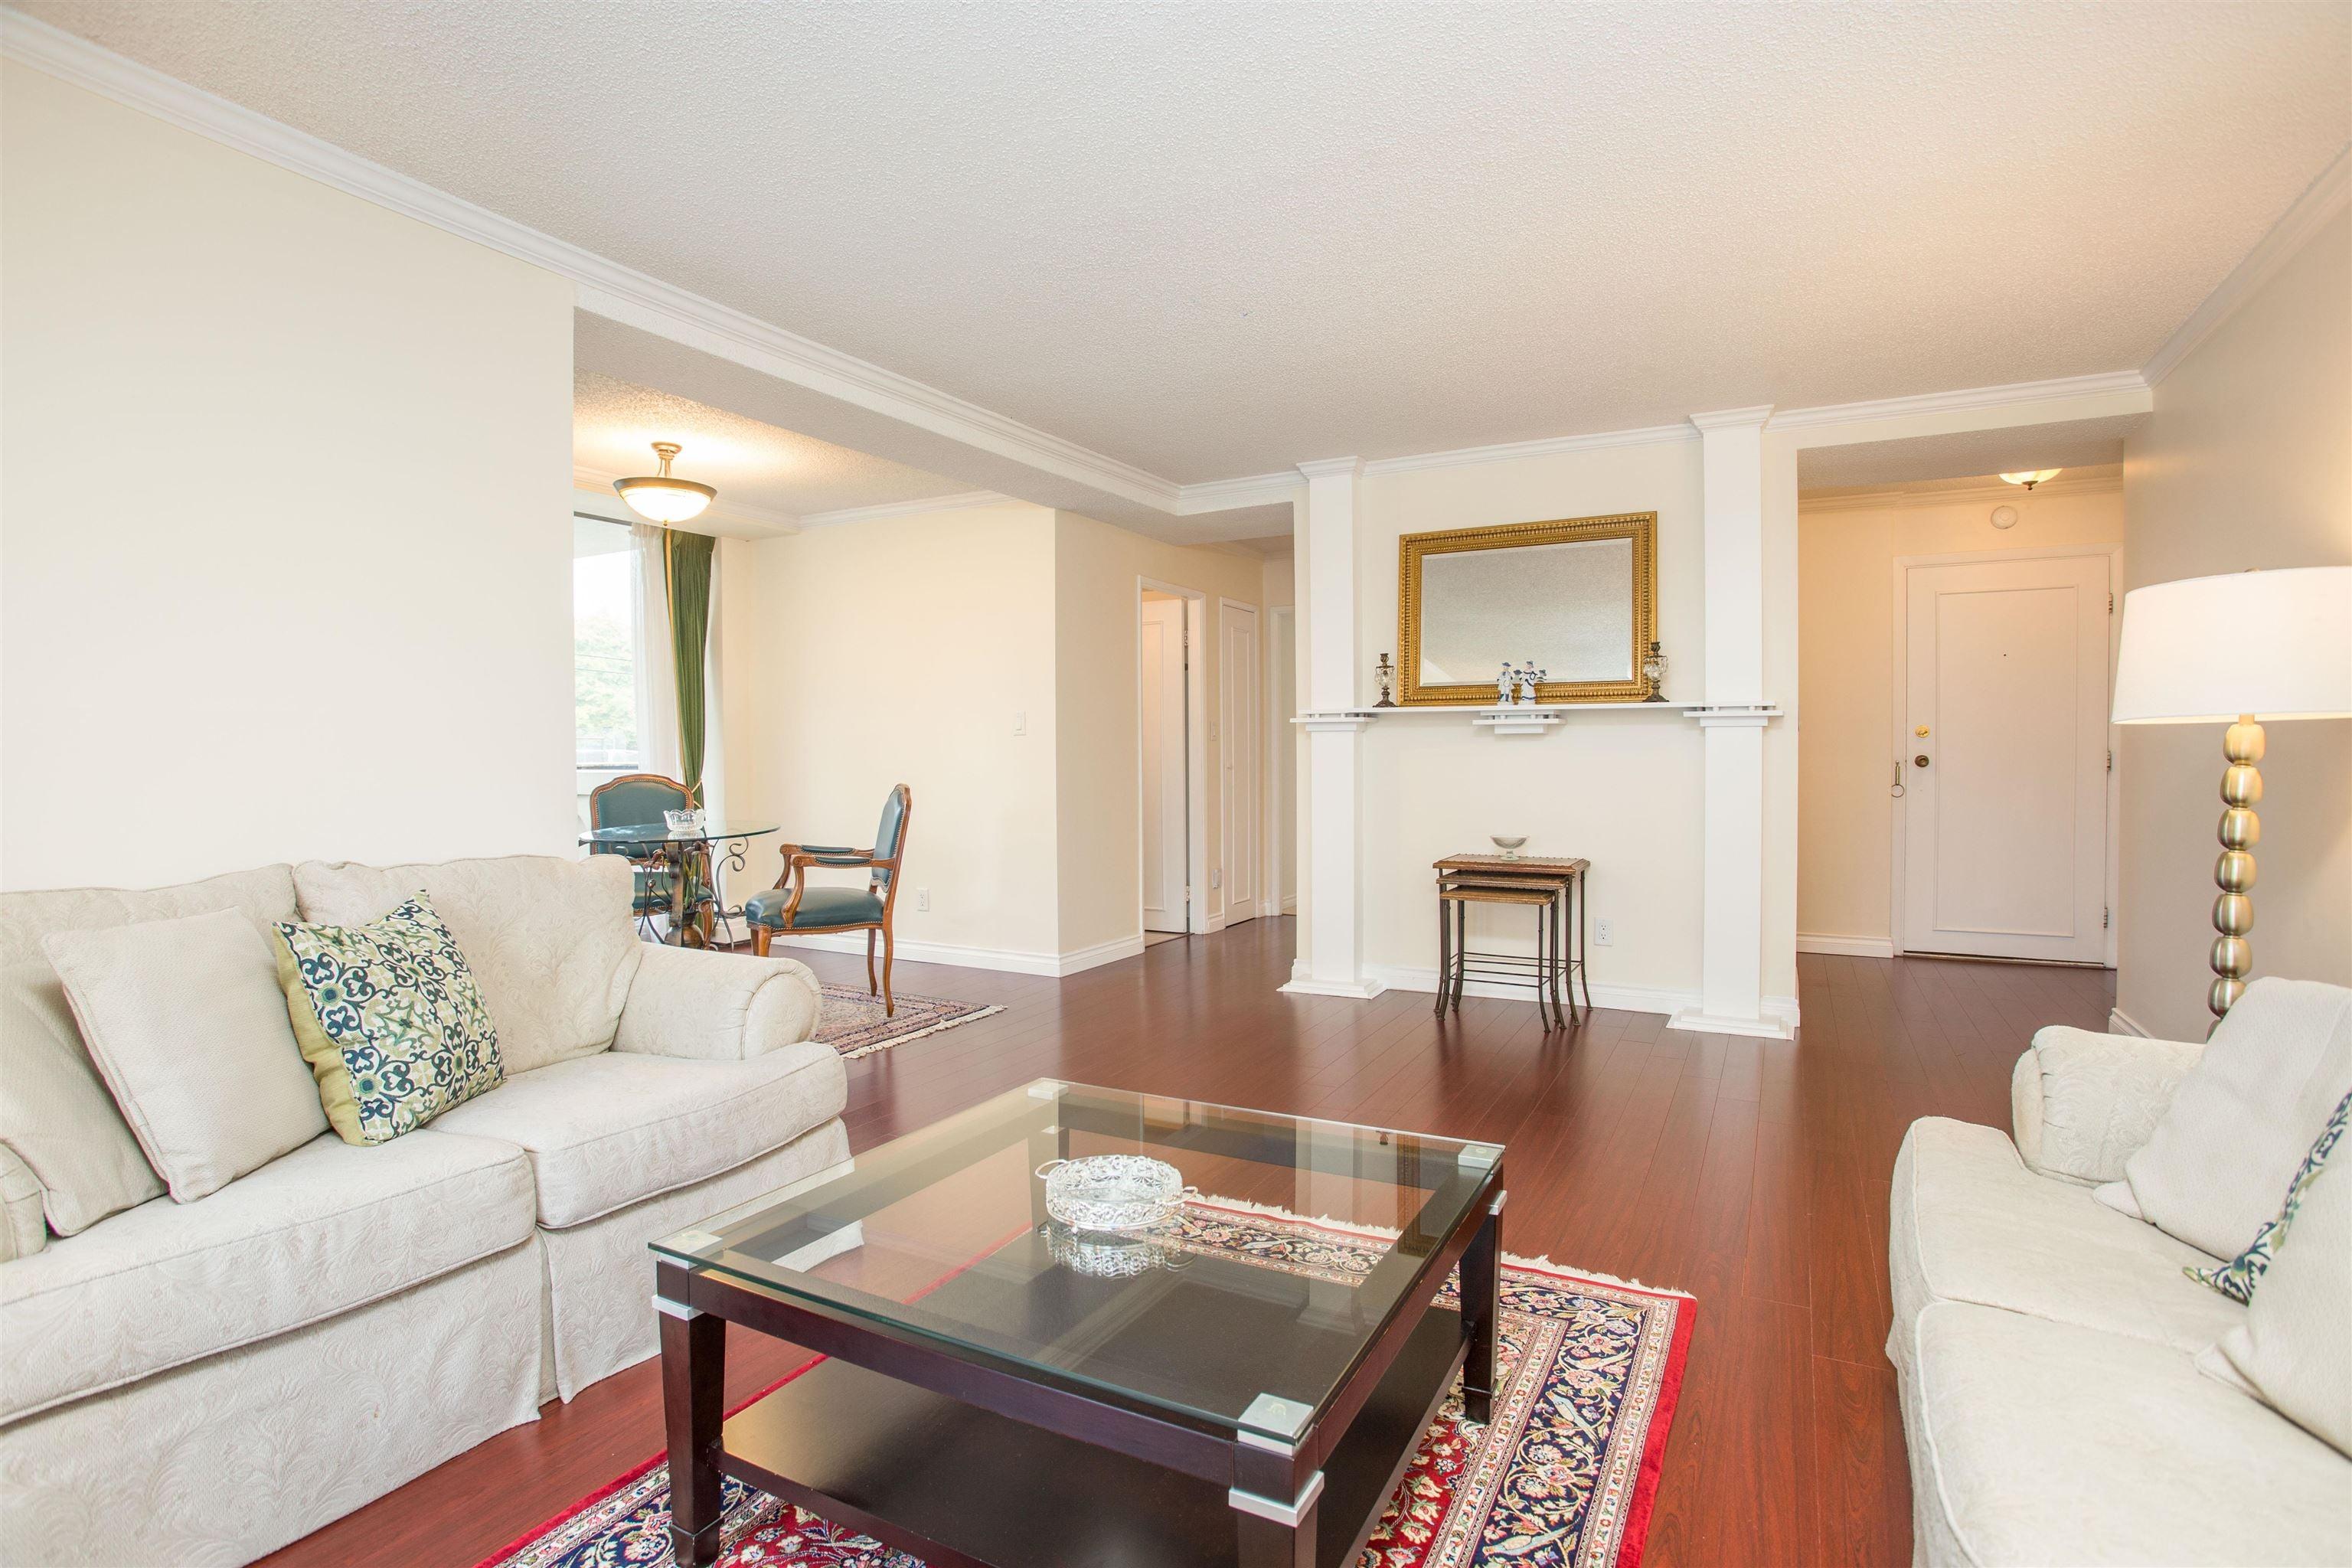 203 1390 DUCHESS AVENUE - Ambleside Apartment/Condo for sale, 1 Bedroom (R2611618) - #7